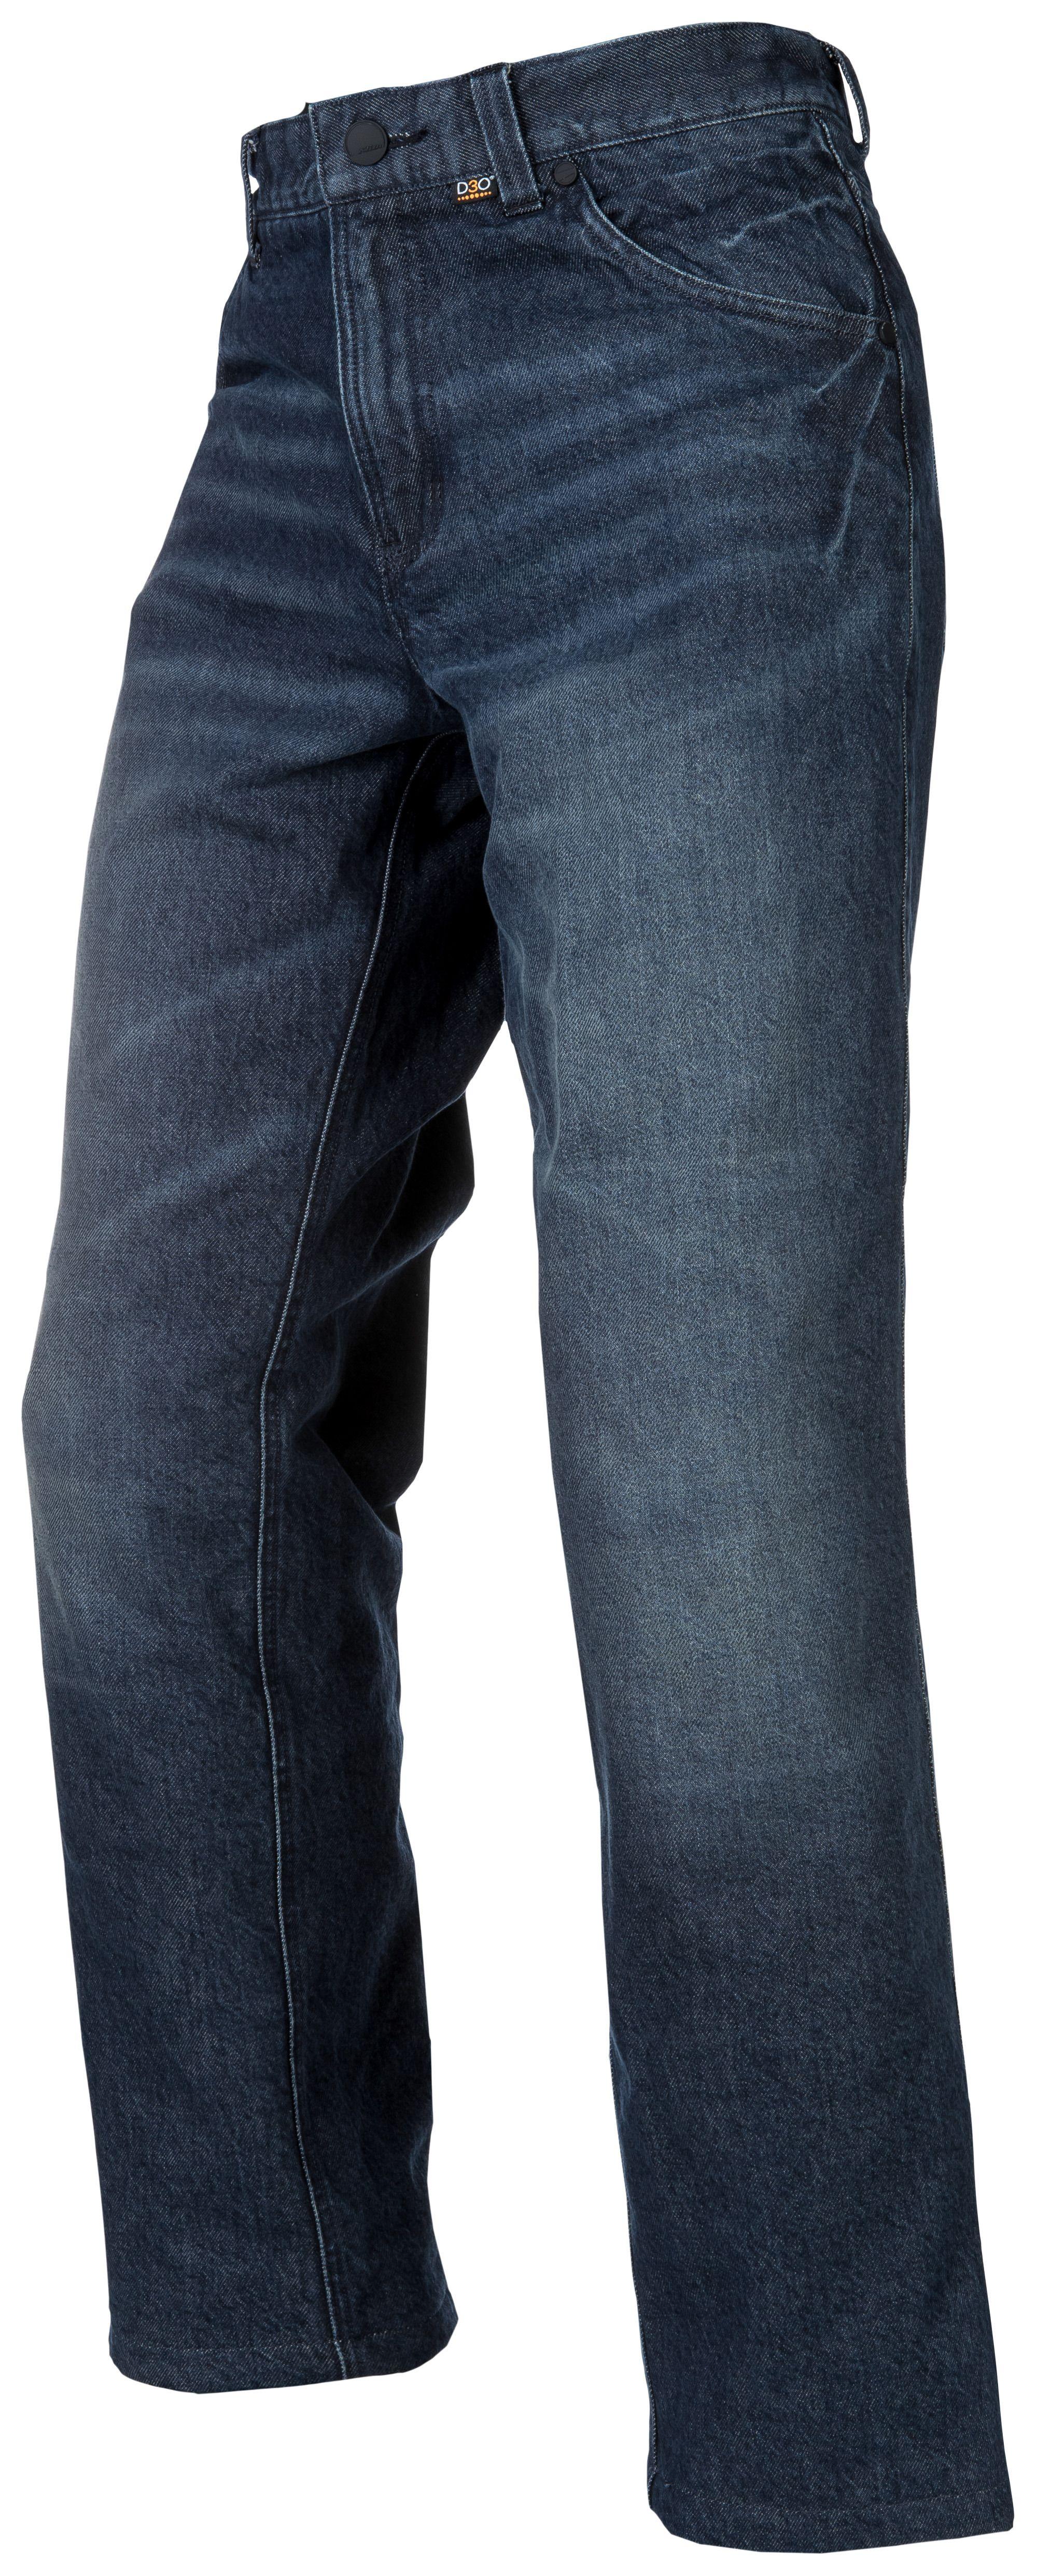 Klim K Fify 1 Jeans